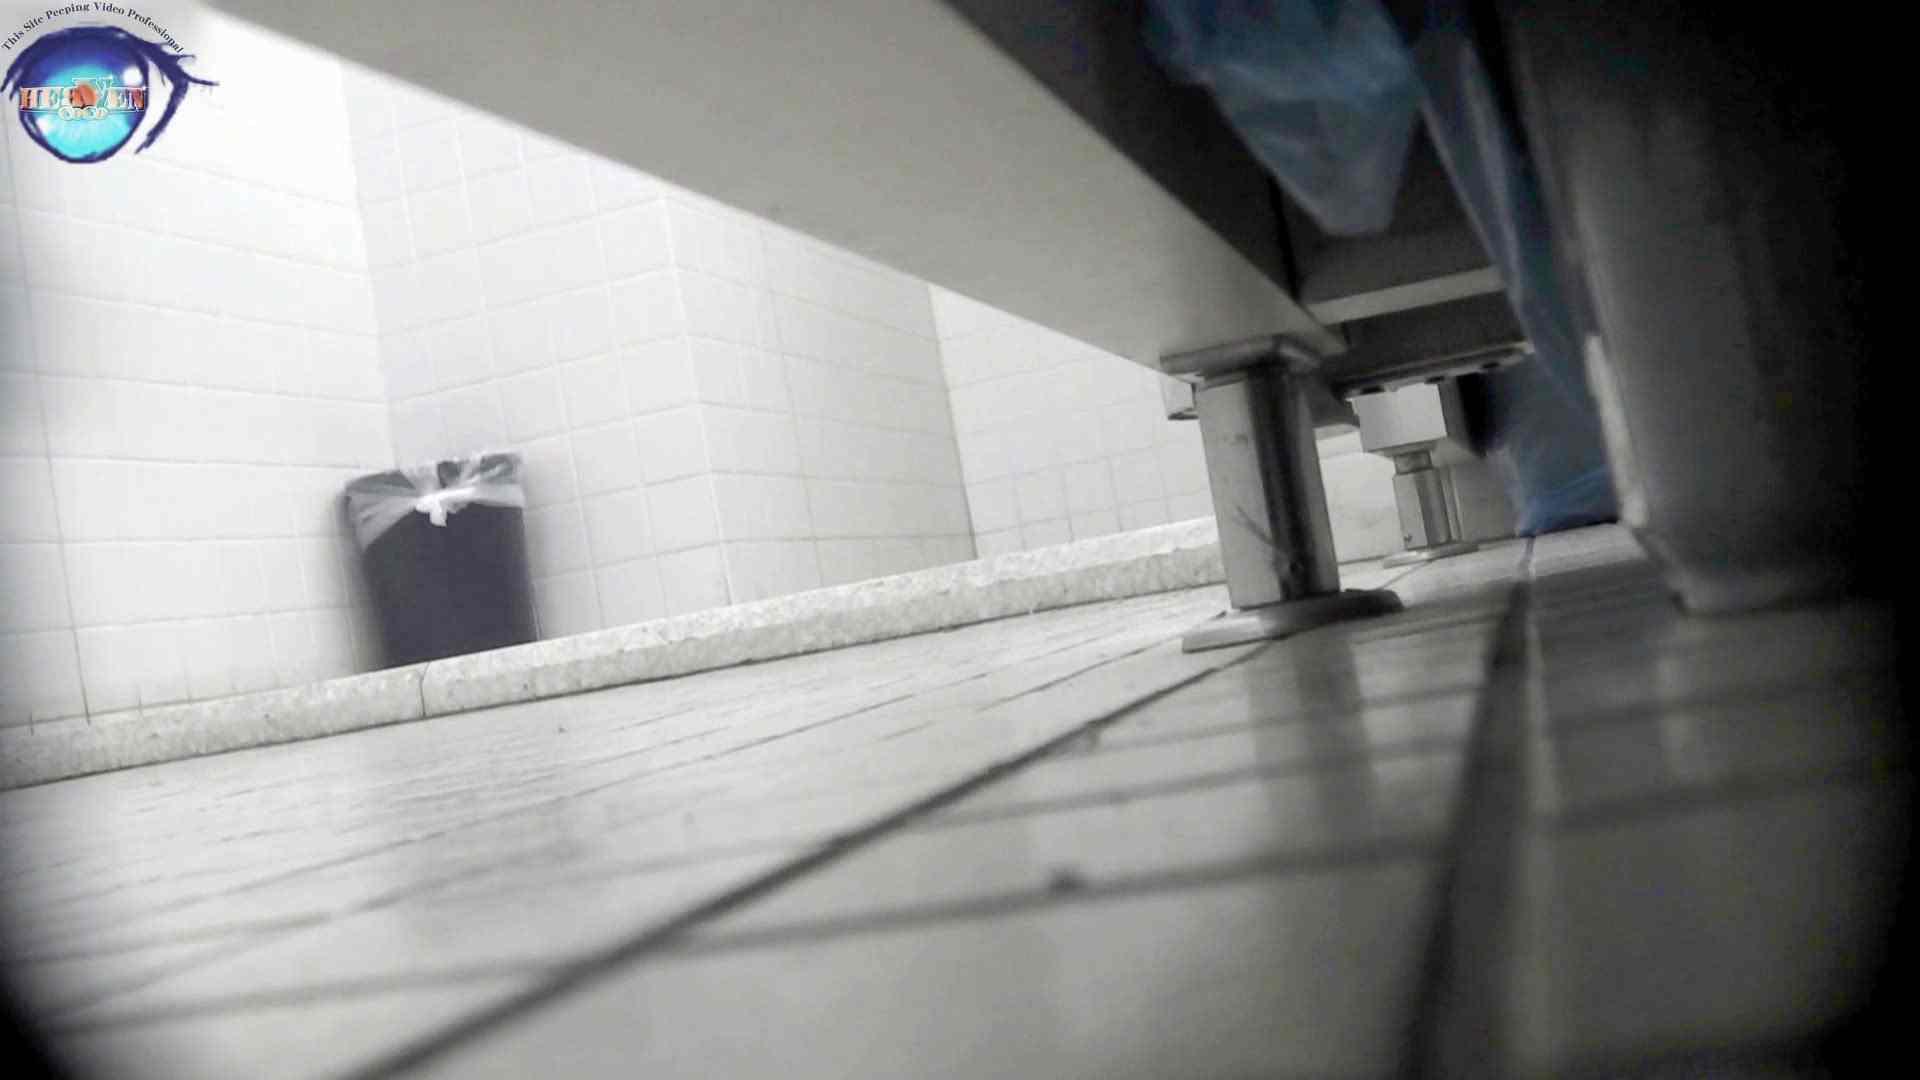 洗面所突入レポート!!お銀 vol.67 新たな場所への挑戦が始まる!!前編 トイレの中まで 盗撮 11枚 4